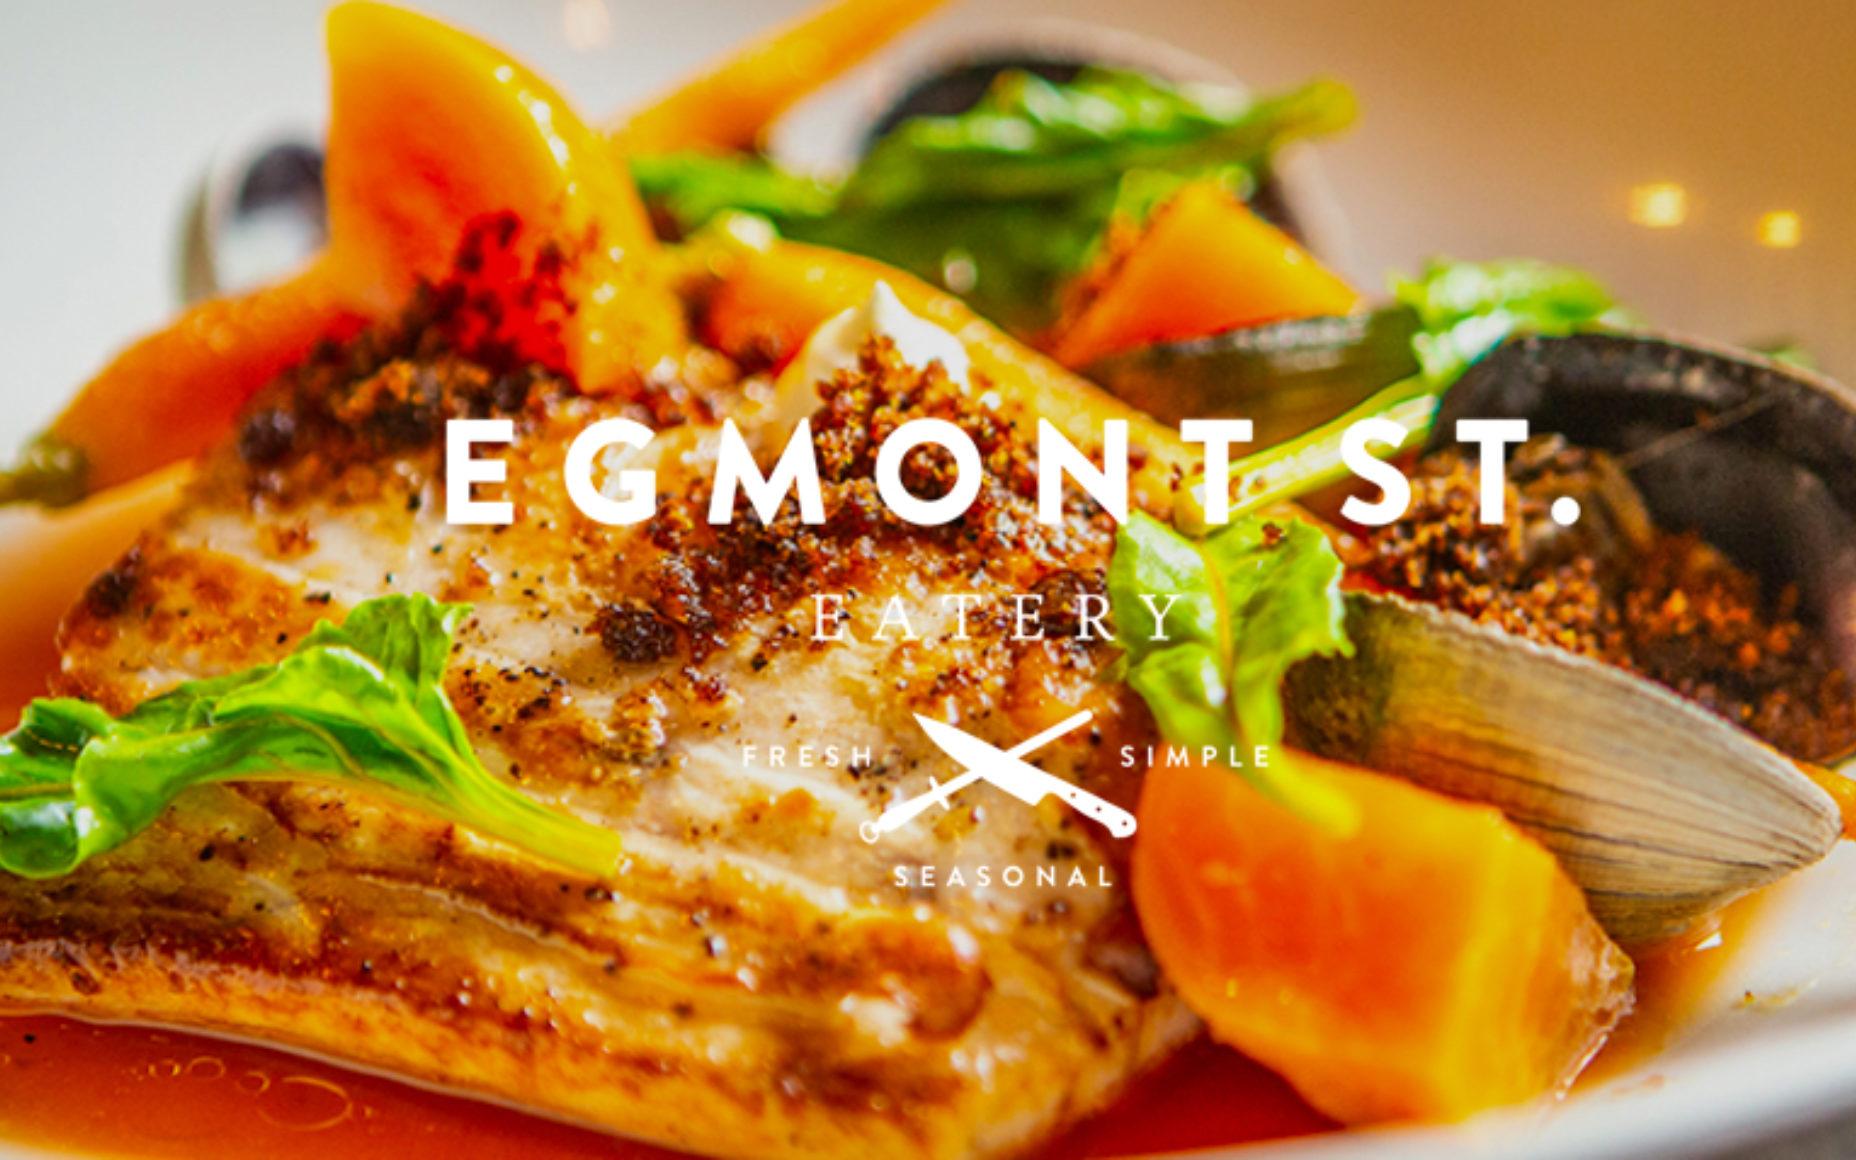 Egmont St Eatery